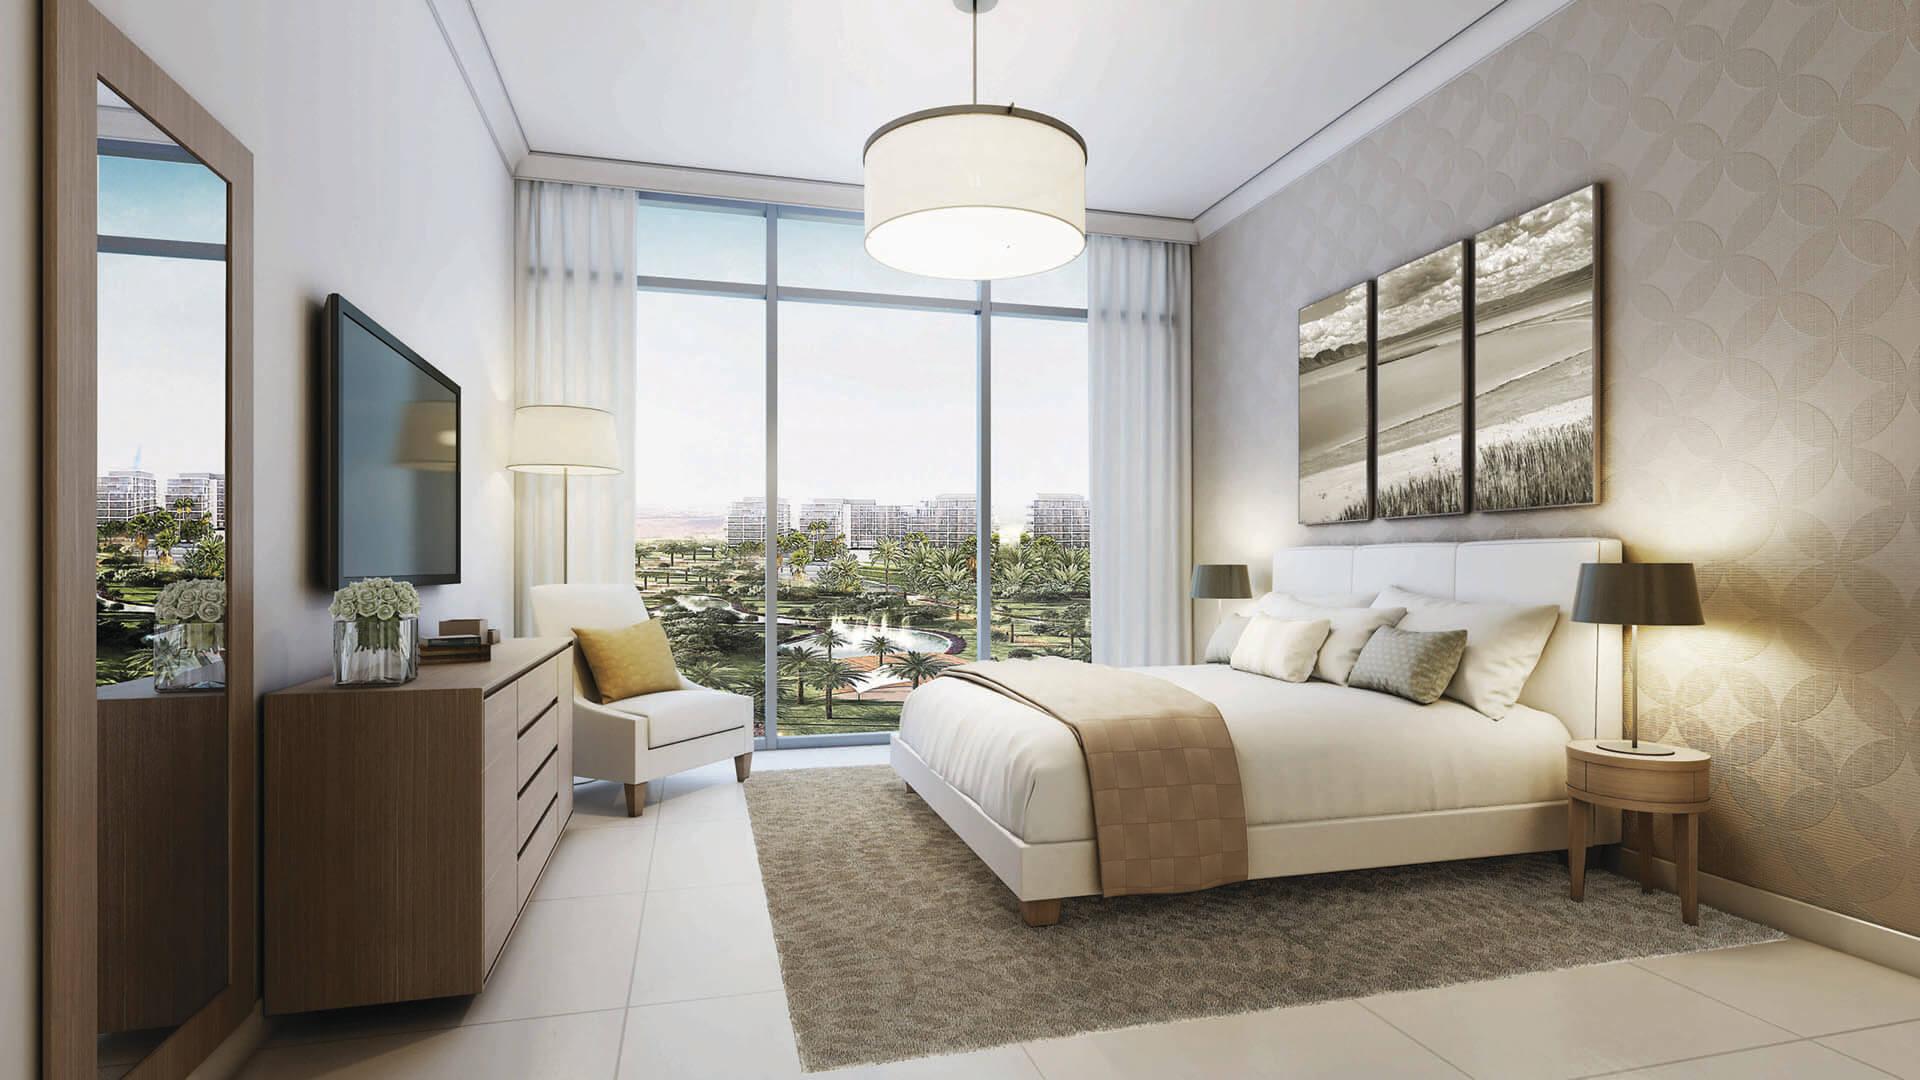 Apartment for sale in Dubai, UAE, 1 bedroom, 85 m2, No. 23887 – photo 4